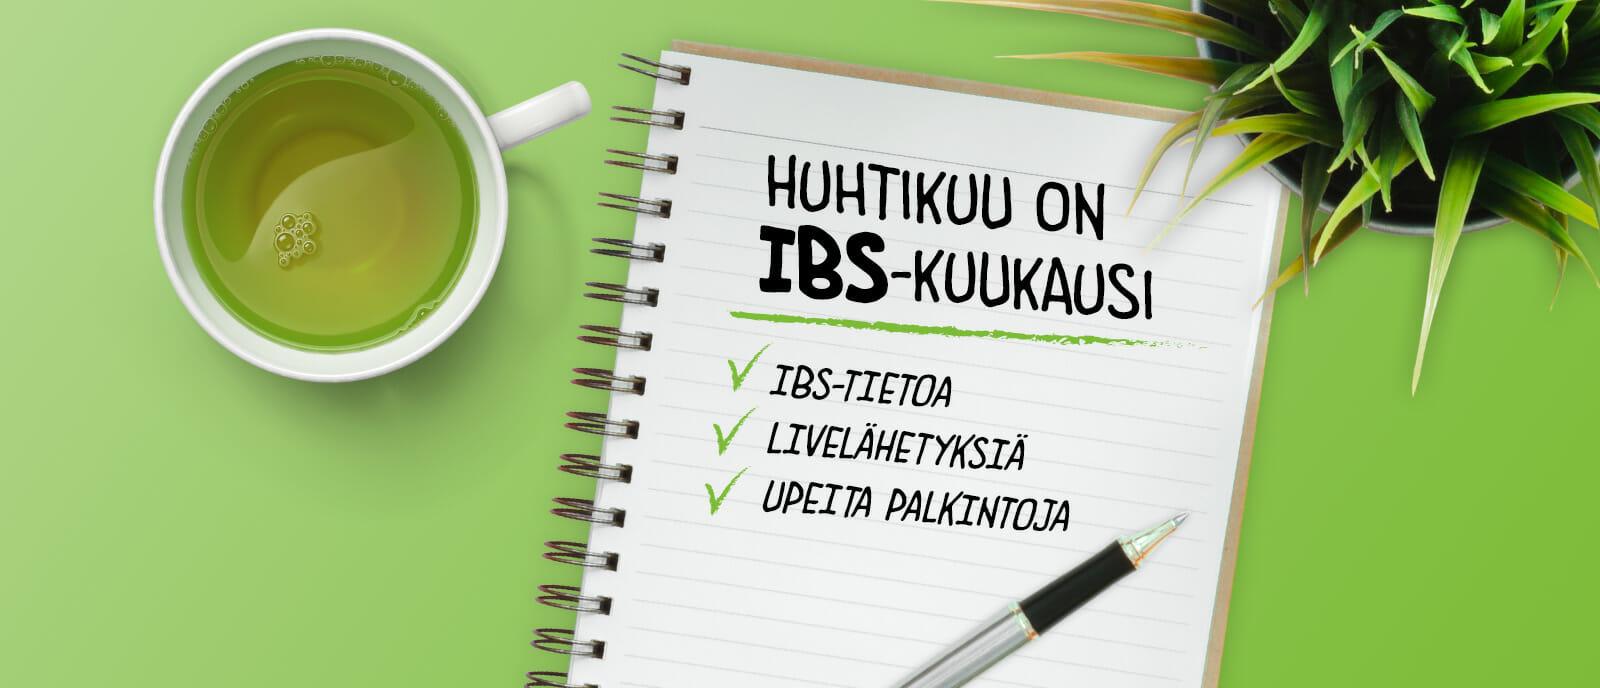 Huhtikuu on IBS-kuukausi